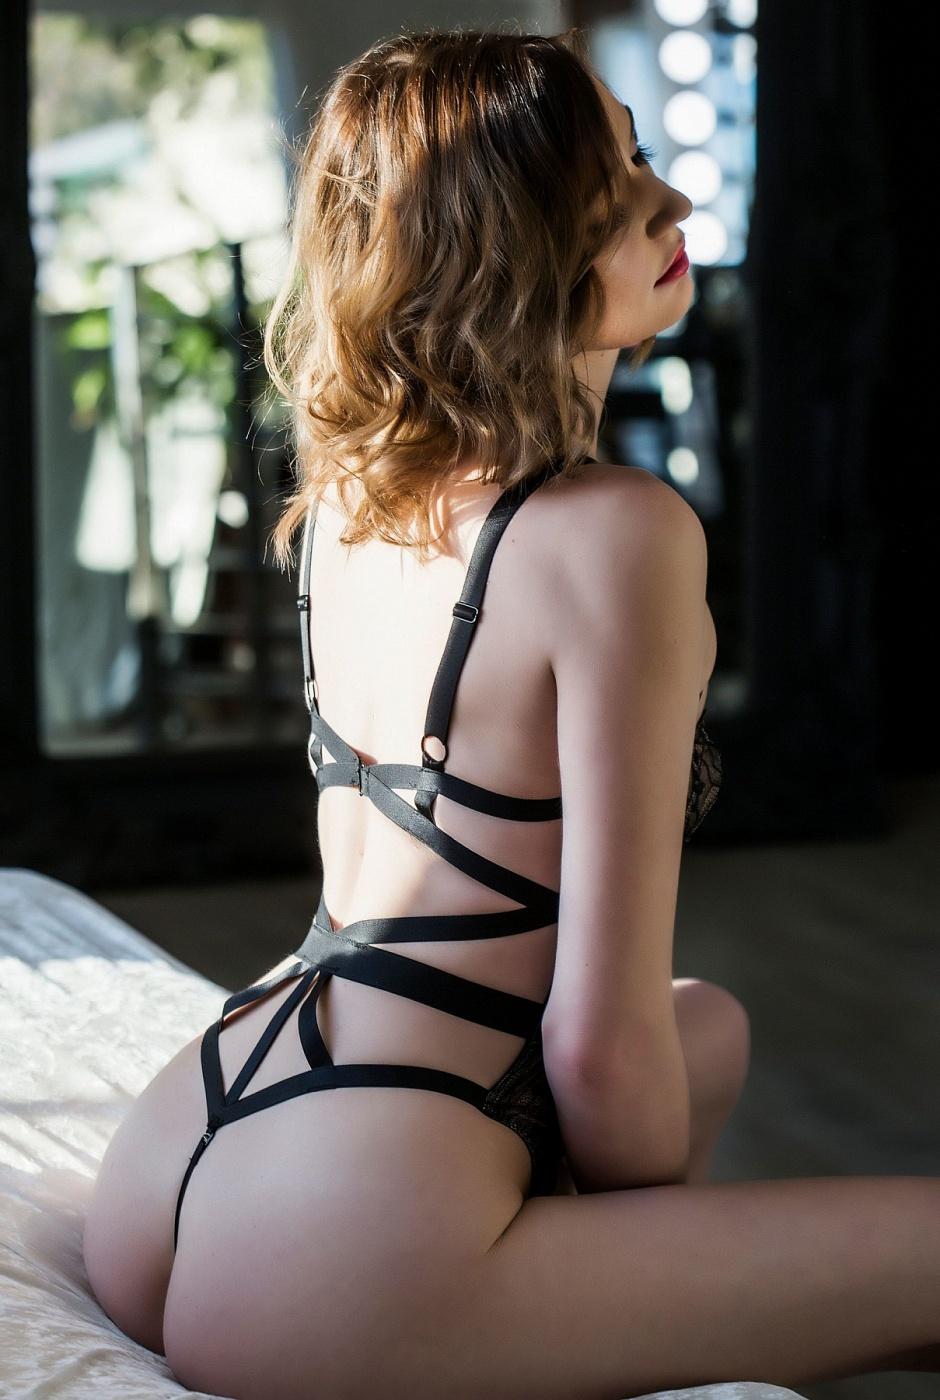 Eva London